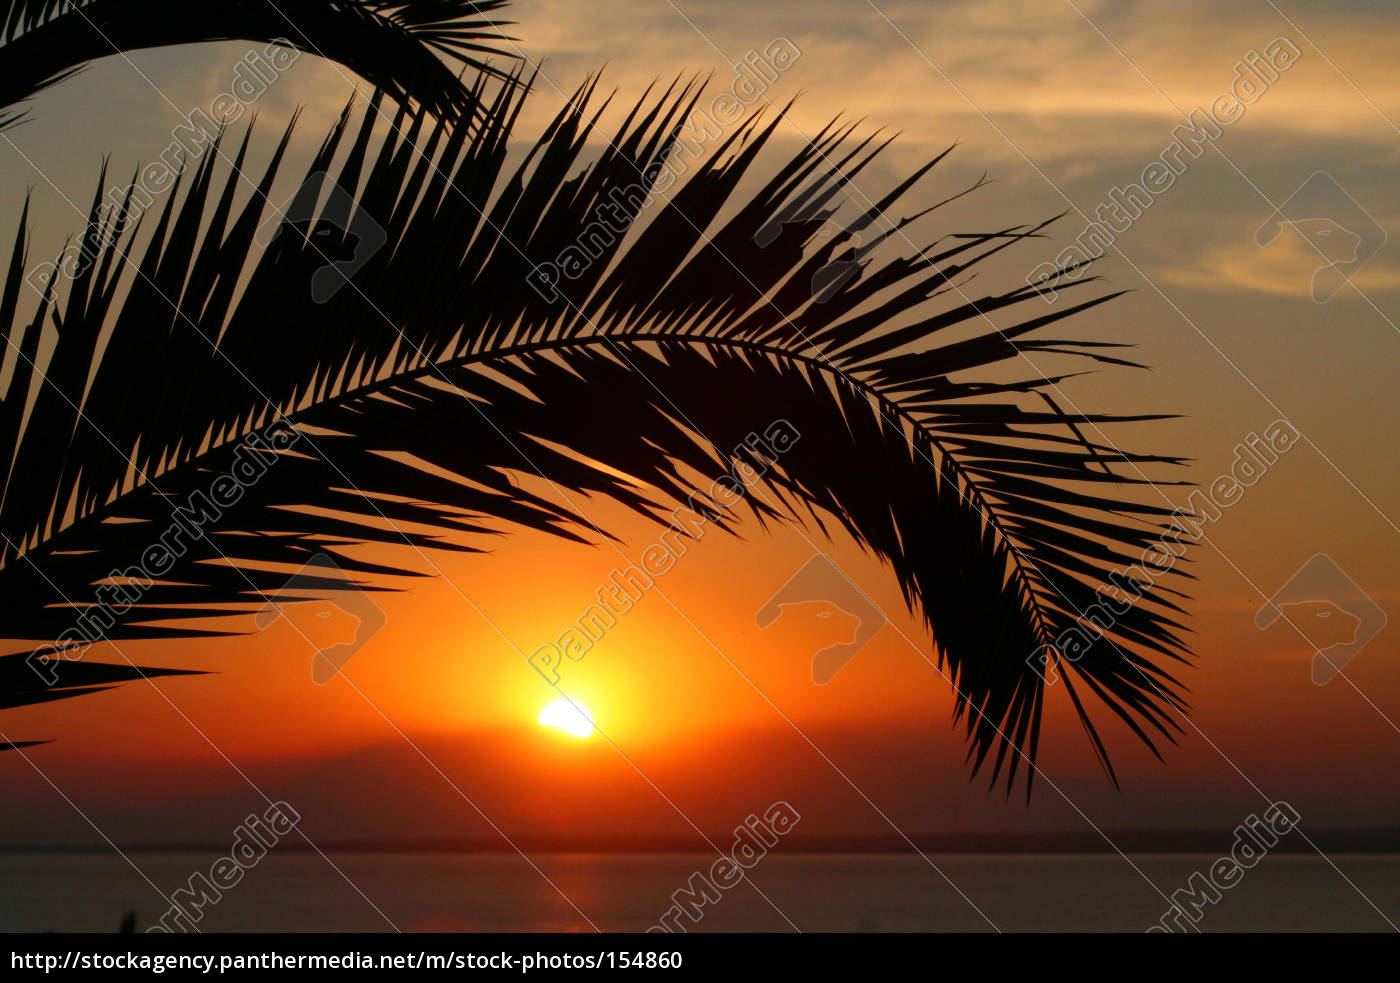 sun, down - 154860